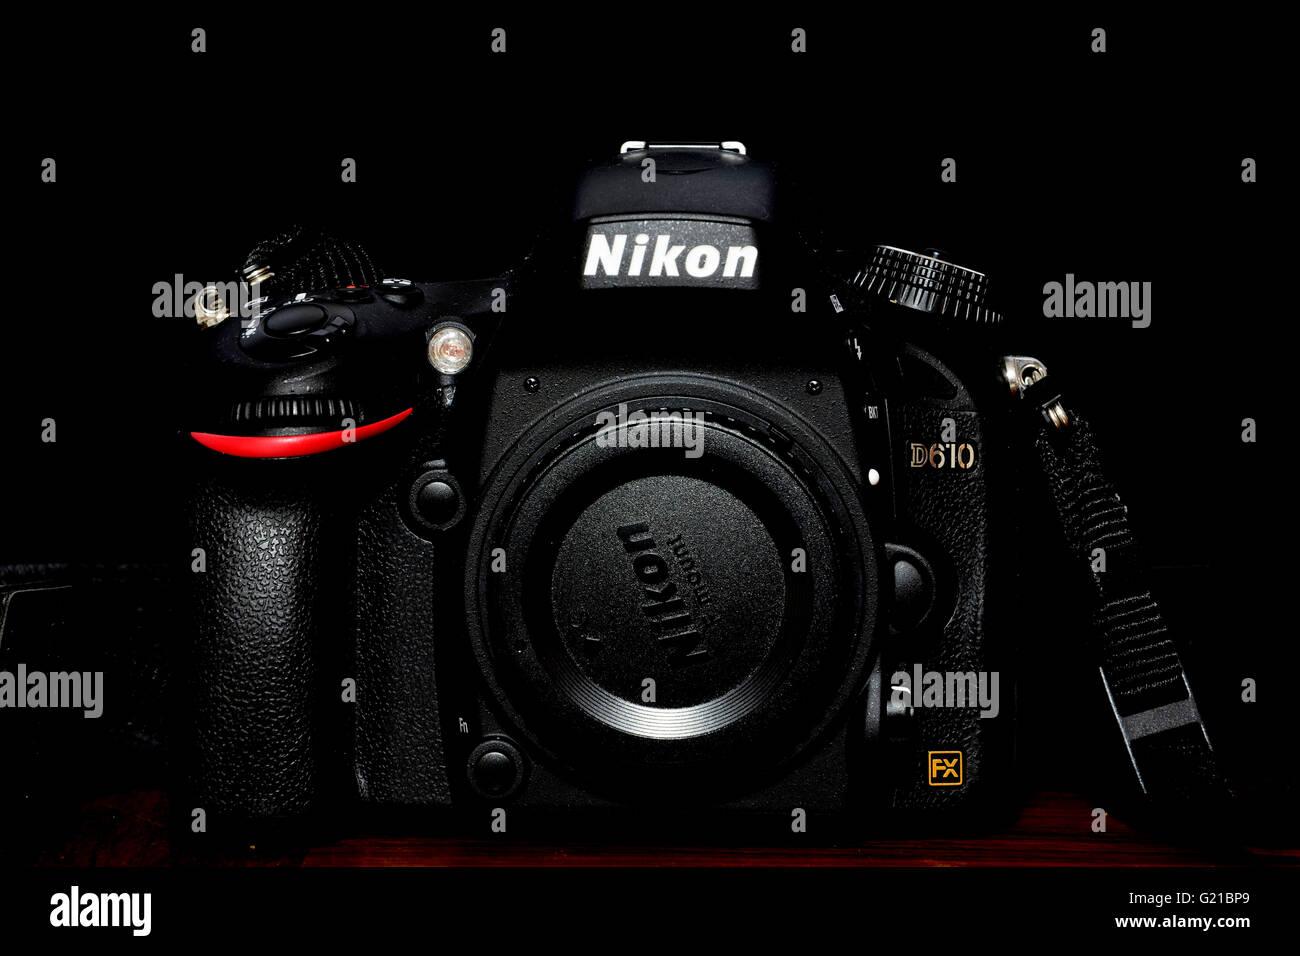 Nikon D610 Vollformat-Kamera in schwarzen Hintergrund Stockfoto ...